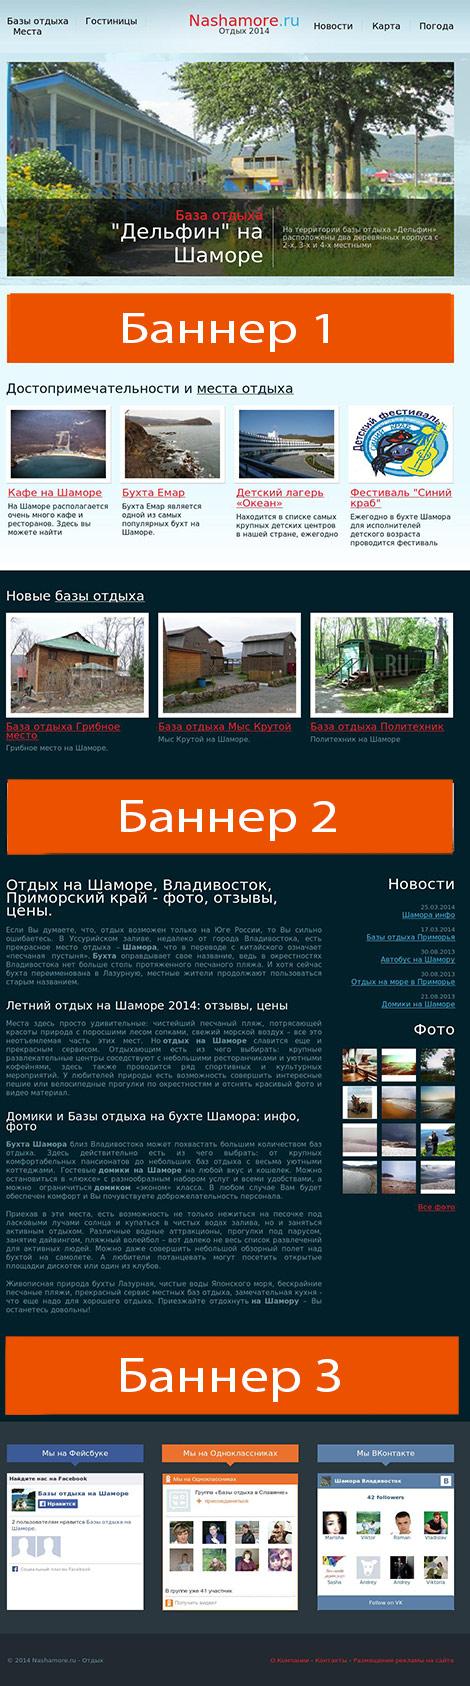 схема размещения рекламы на сайте nashamore.ru  height=